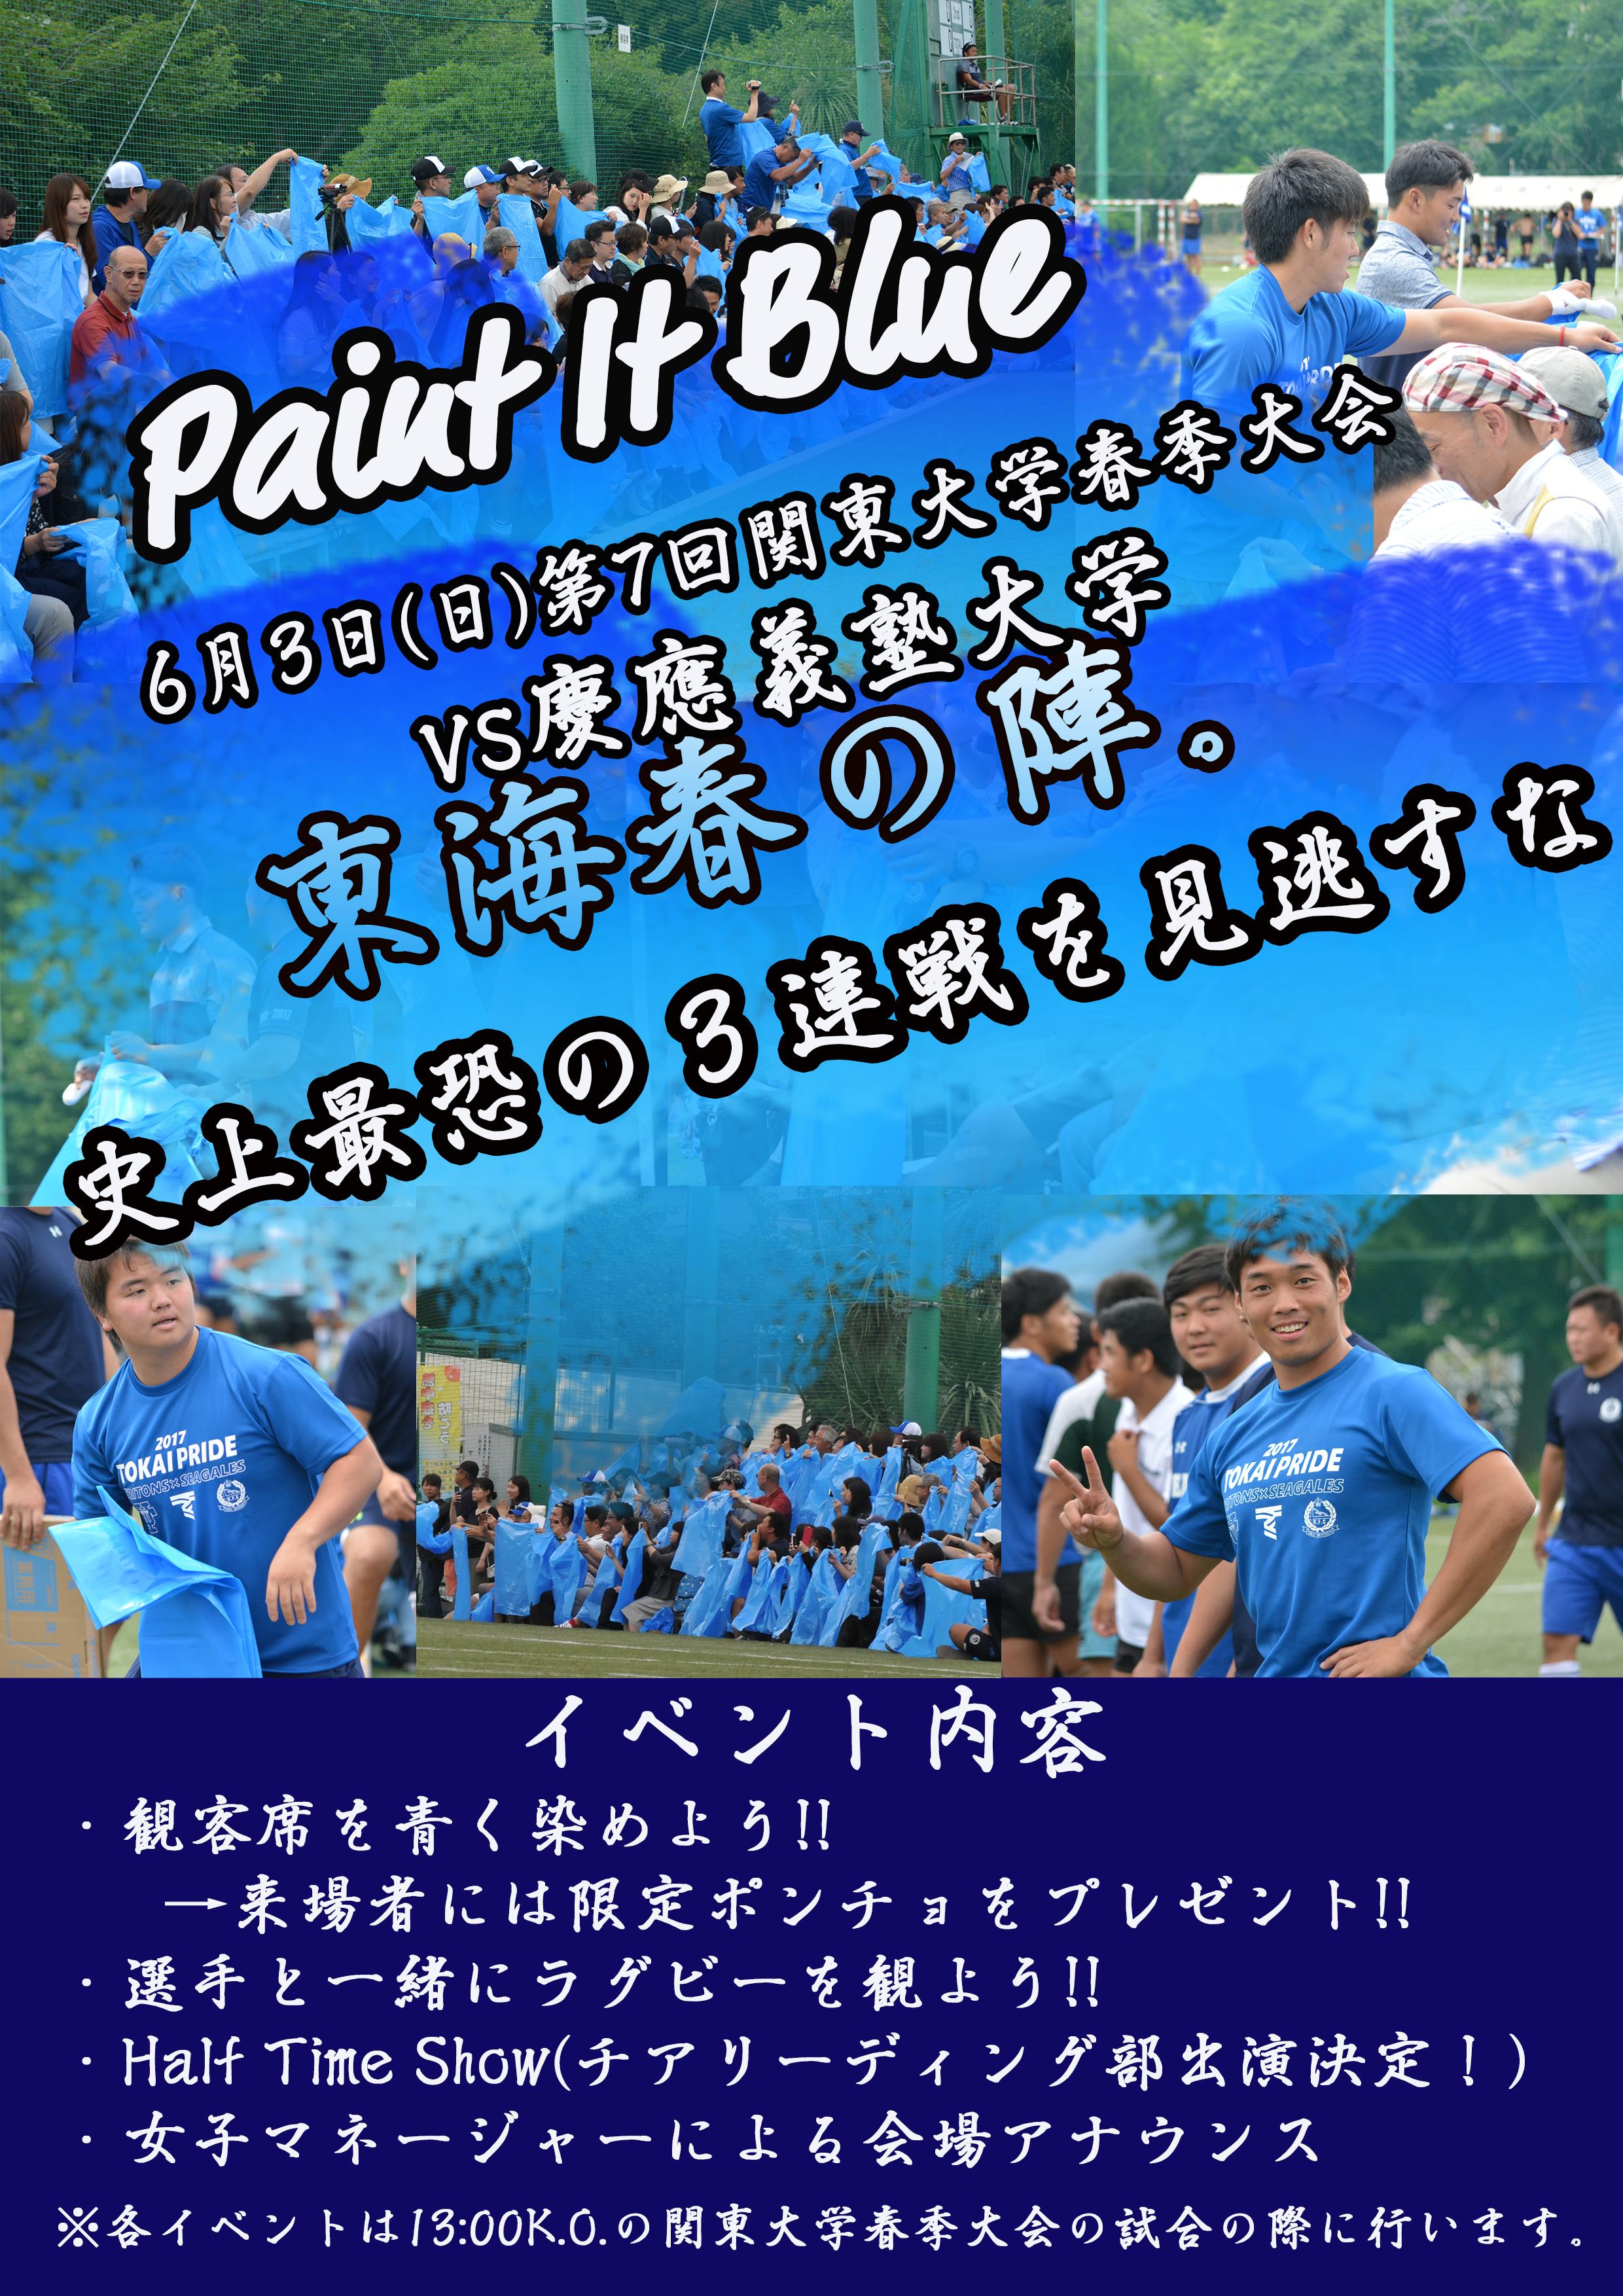 20180517イベントポスターpaint it blue.PNG